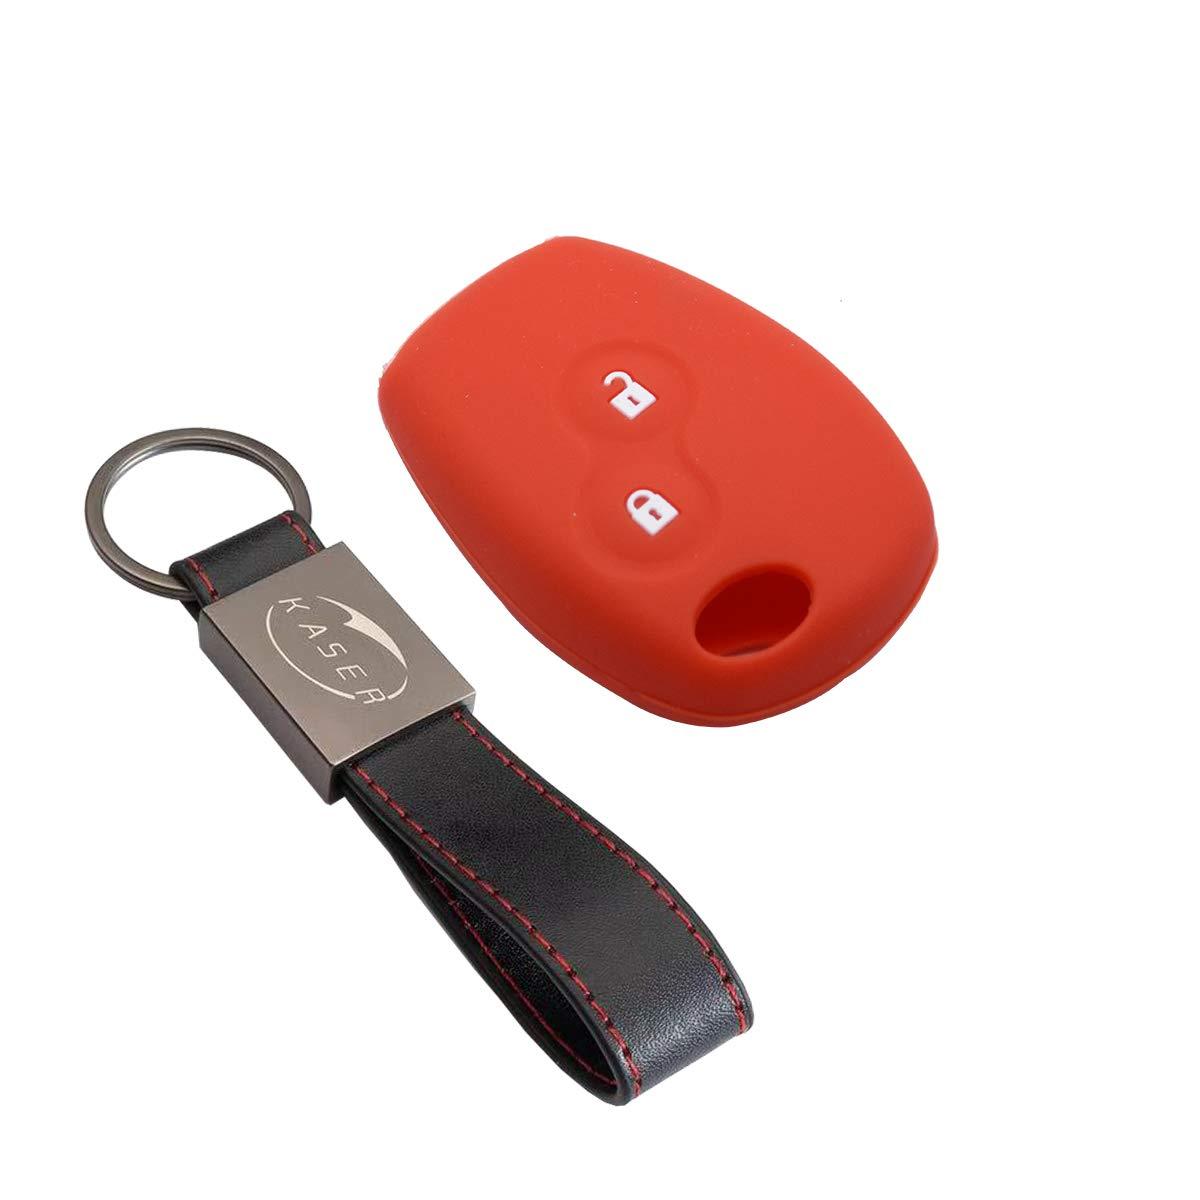 Housse étui en Silicone pour Clé Renault – Coque Cover Porte-Clés pour Renault Clio Kangoo Modus Twingo Laguna Master Megane Protection Télécommande Voiture (Orange)